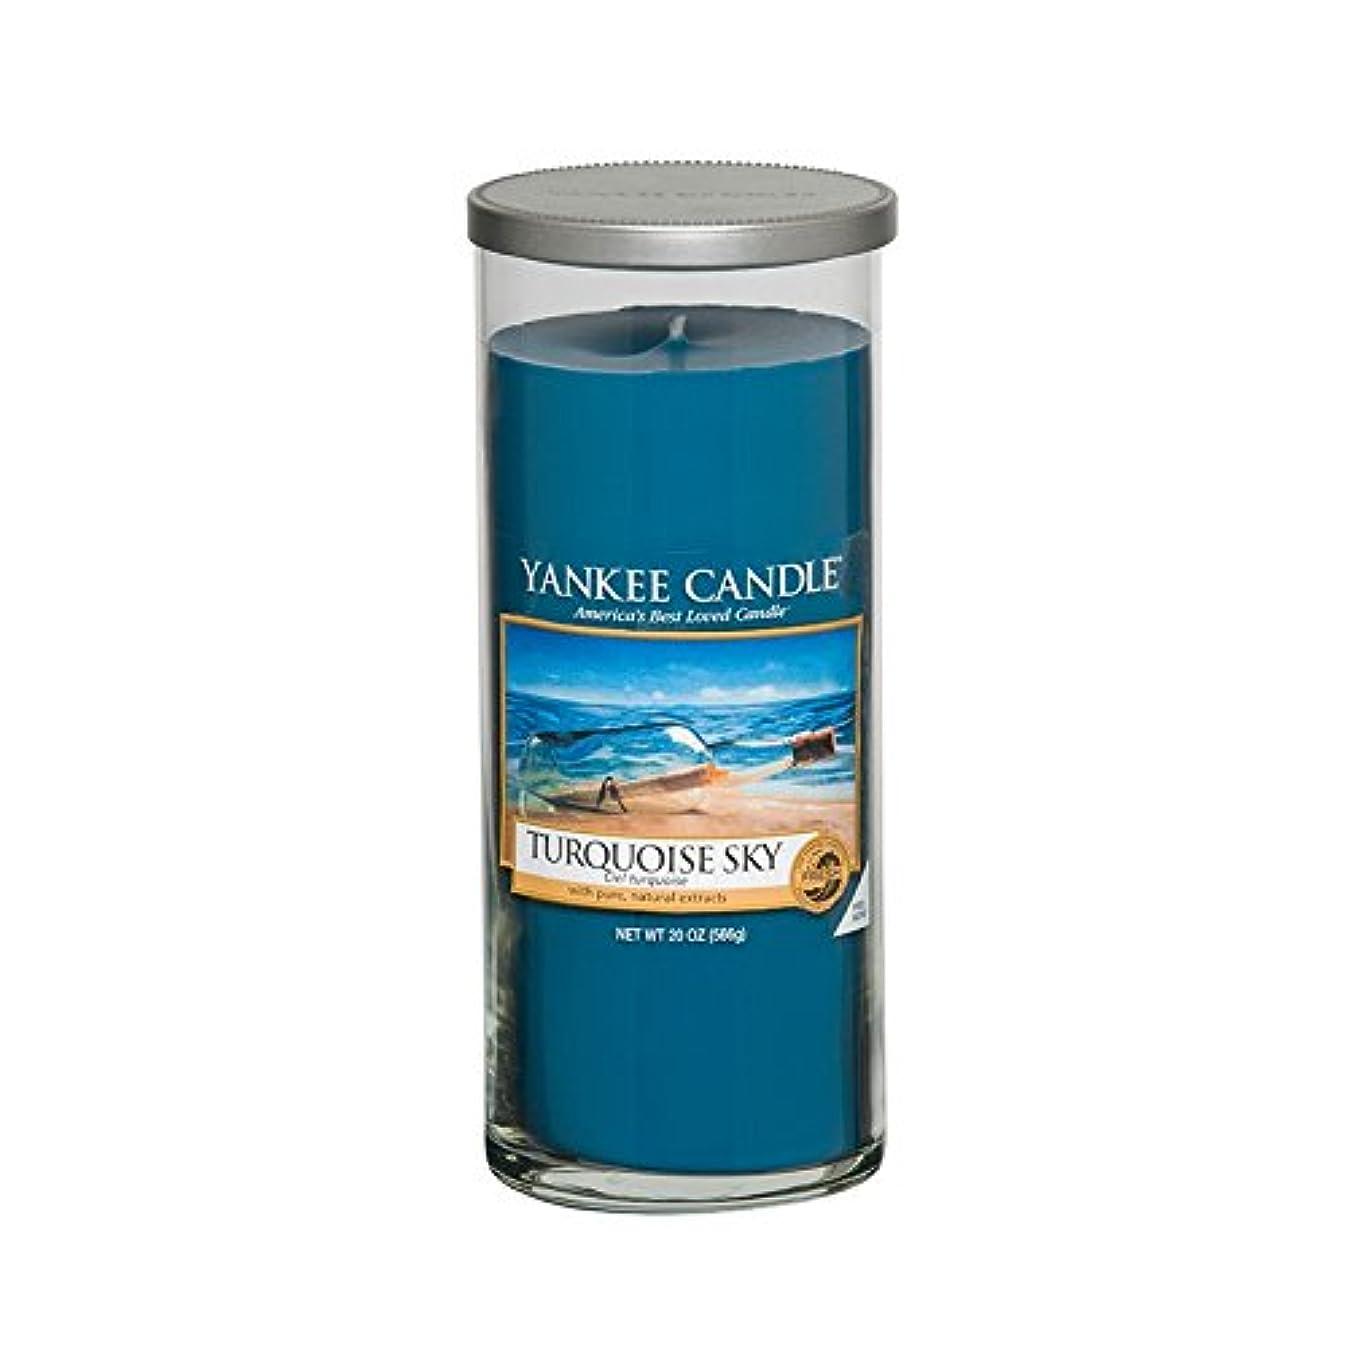 プリーツ同行ニコチンヤンキーキャンドル大きな柱キャンドル - ターコイズの空 - Yankee Candles Large Pillar Candle - Turquoise Sky (Yankee Candles) [並行輸入品]